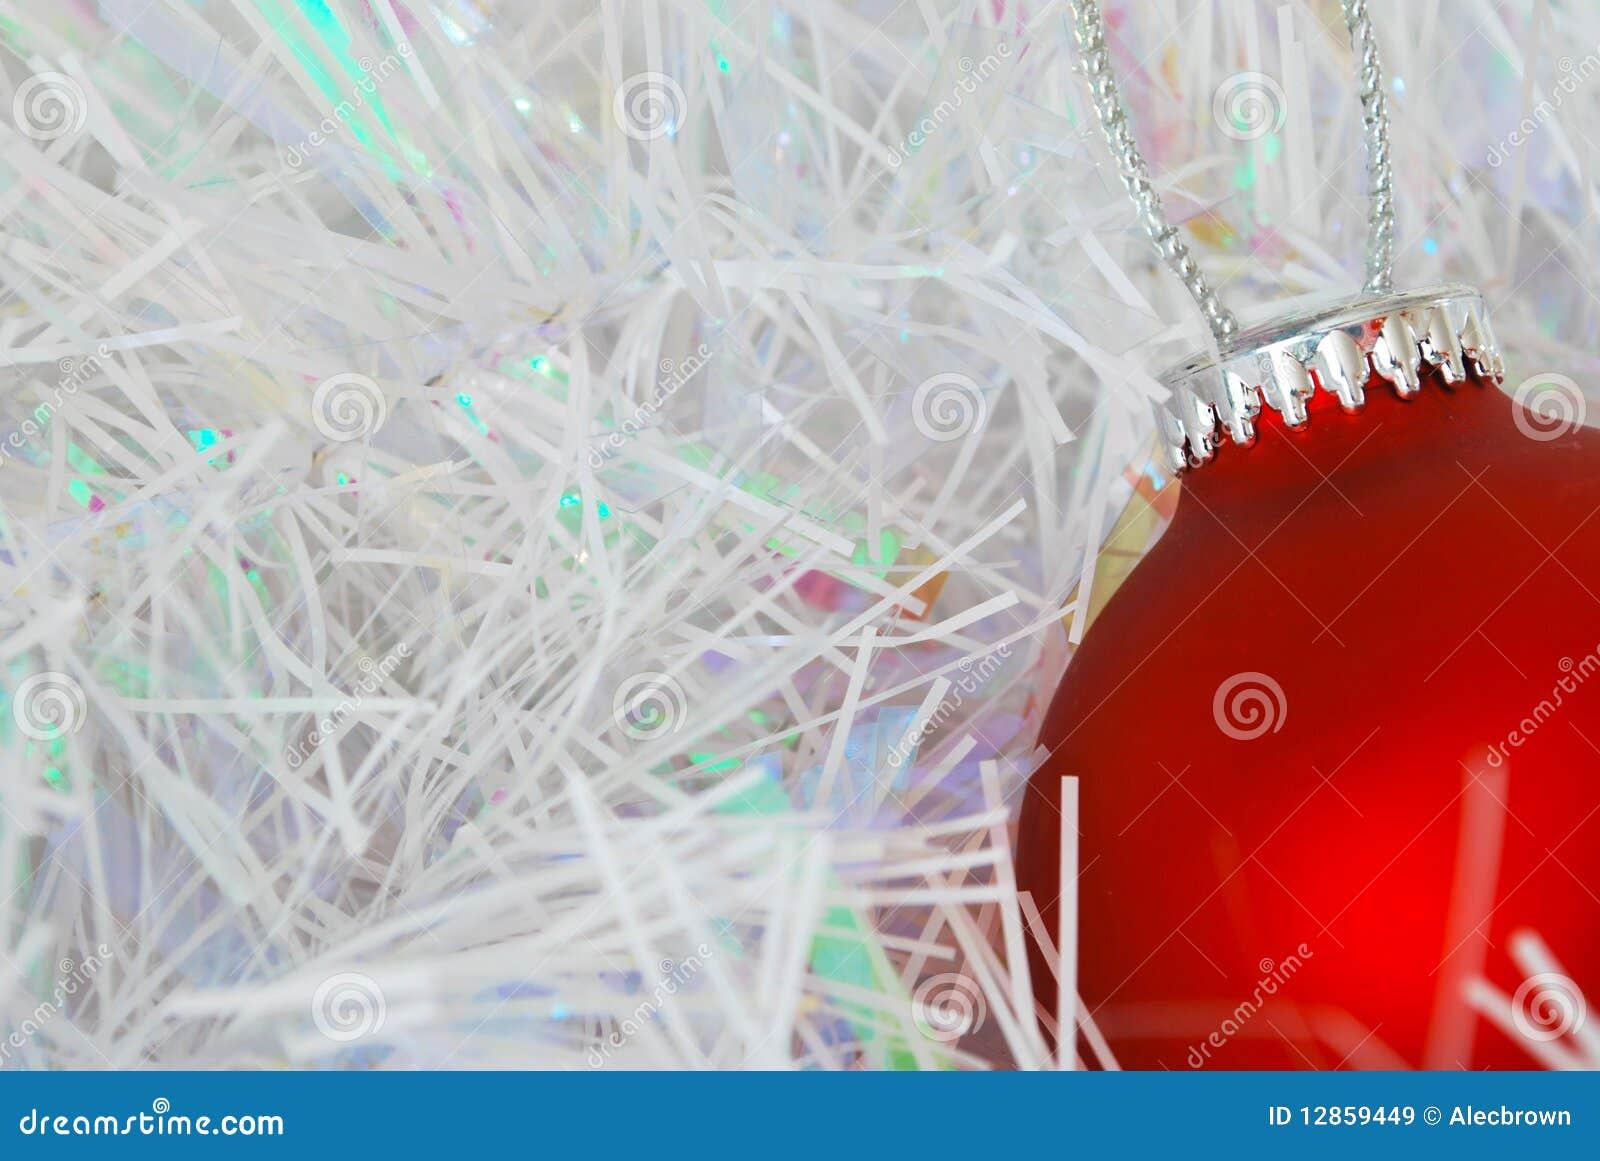 De decoratie van kerstmis royalty vrije stock afbeeldingen afbeelding 12859449 - Decoratie bed ...